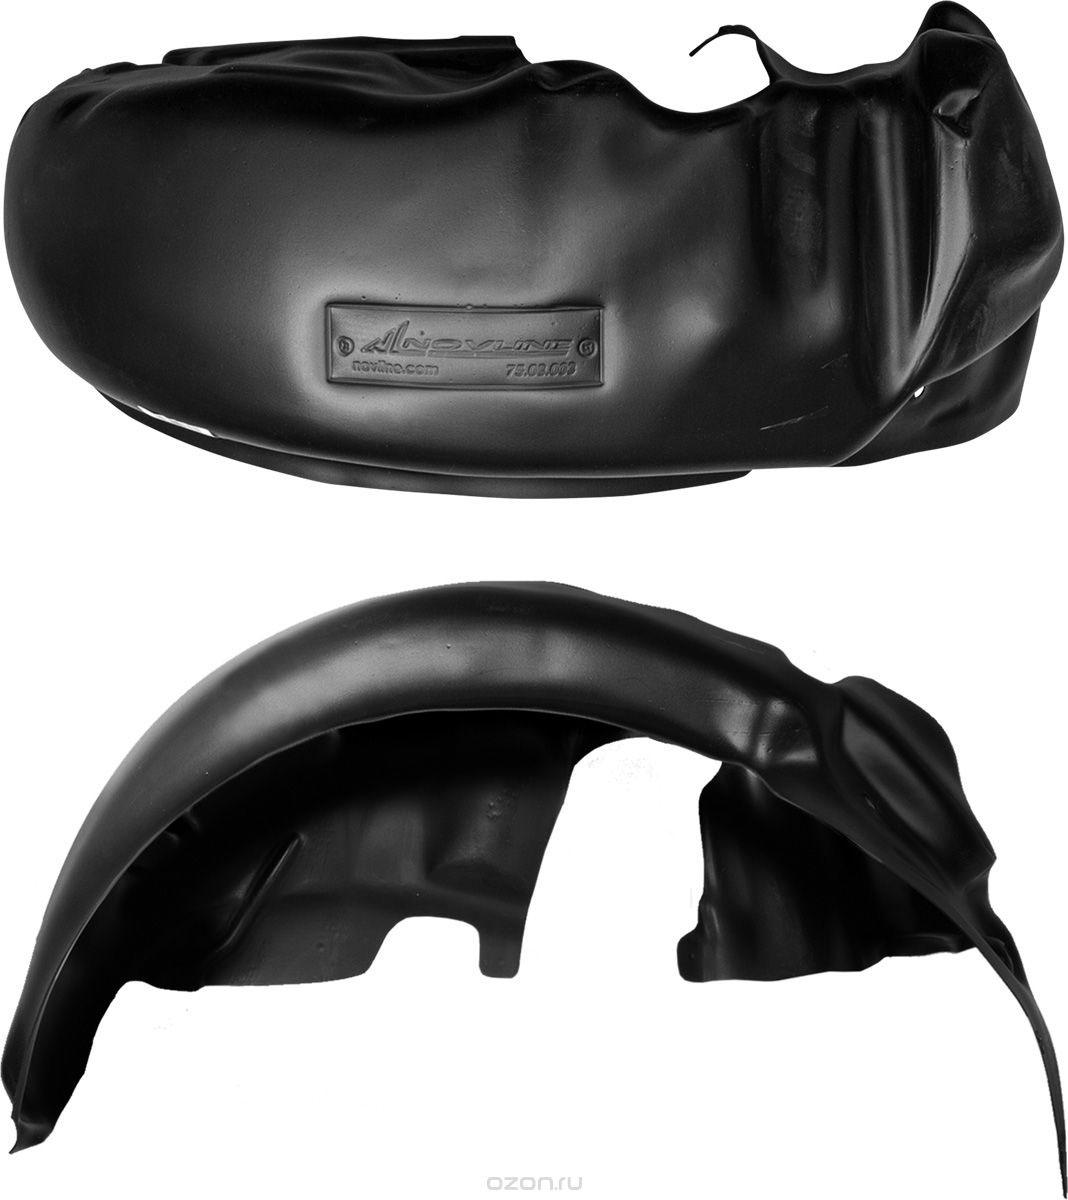 Подкрылок Novline-Autofamily, для FIAT Ducato, 08/2014-> без расширителей арок, передний левыйNLL.15.20.001Идеальная защита колесной ниши. Локеры разработаны с применением цифровых технологий, гарантируют максимальную повторяемость поверхности арки. Изделия устанавливаются без нарушения лакокрасочного покрытия автомобиля, каждый подкрылок комплектуется крепежом. Уважаемые клиенты, обращаем ваше внимание, что фотографии на подкрылки универсальные и не отражают реальную форму изделия. При этом само изделие идет точно под размер указанного автомобиля.